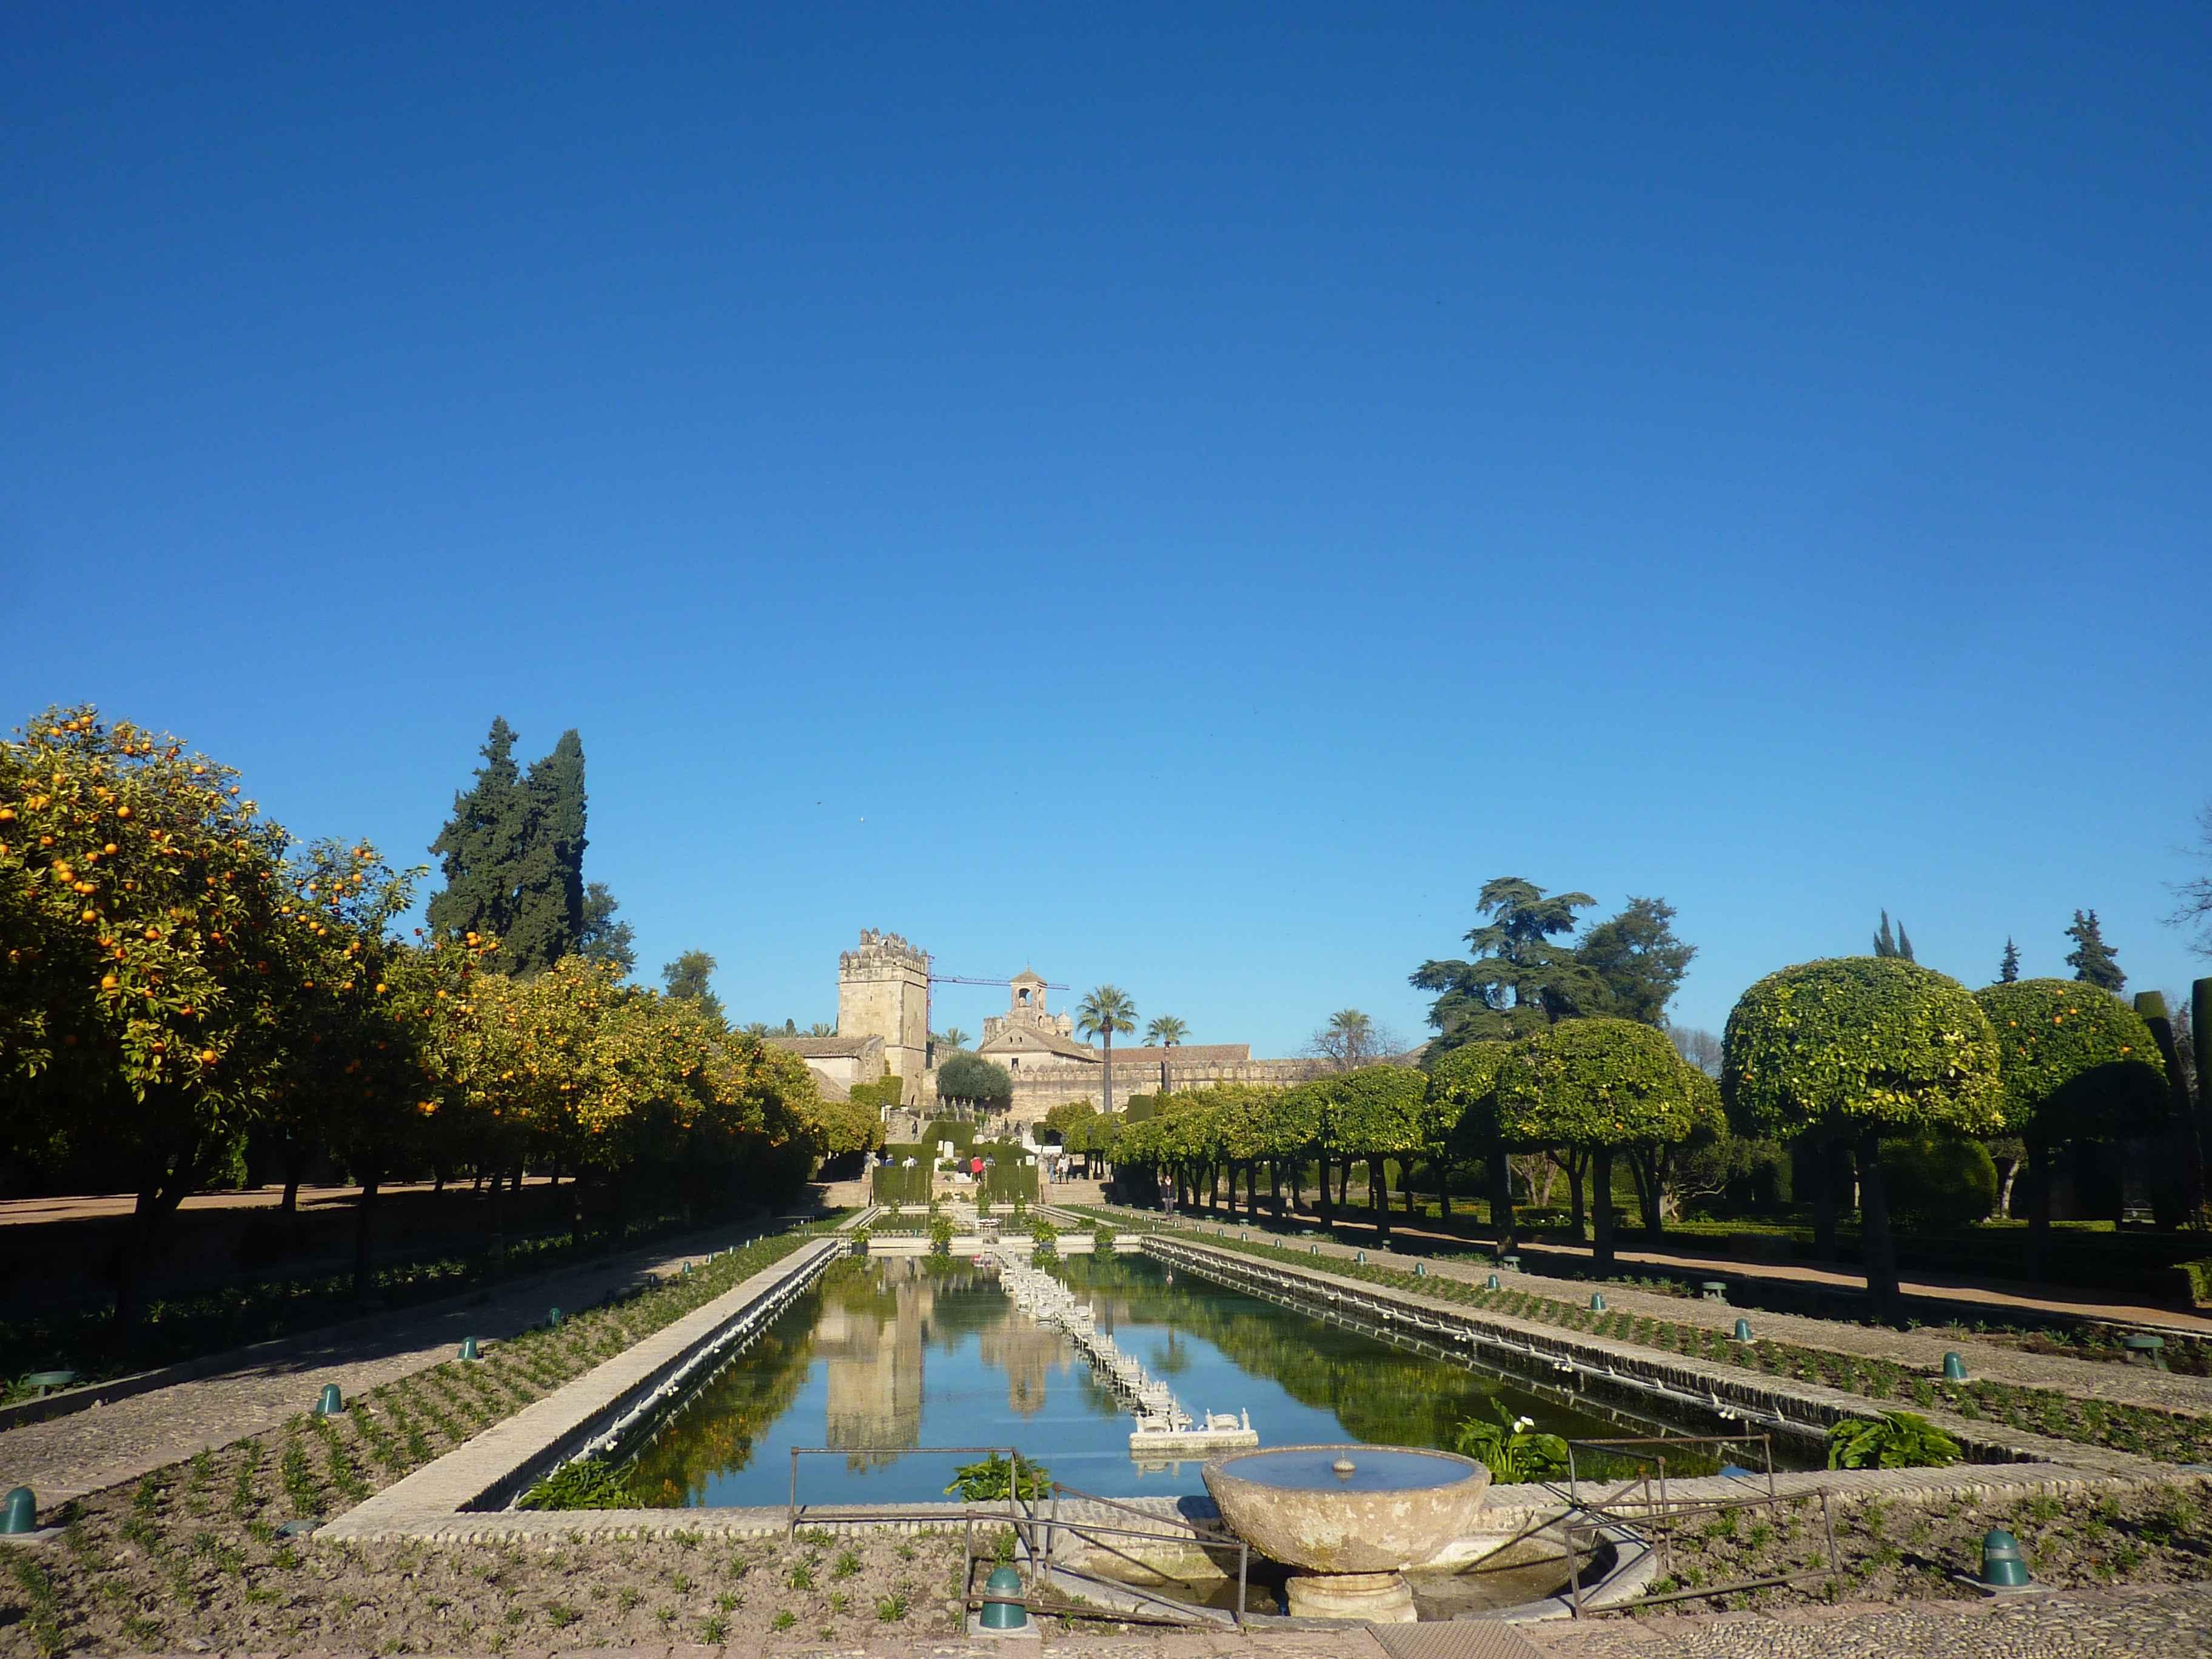 Visite de cordoue en images de la mezquita l 39 alcazar et au pont romain - Les jardins de l oyat mimizan ...